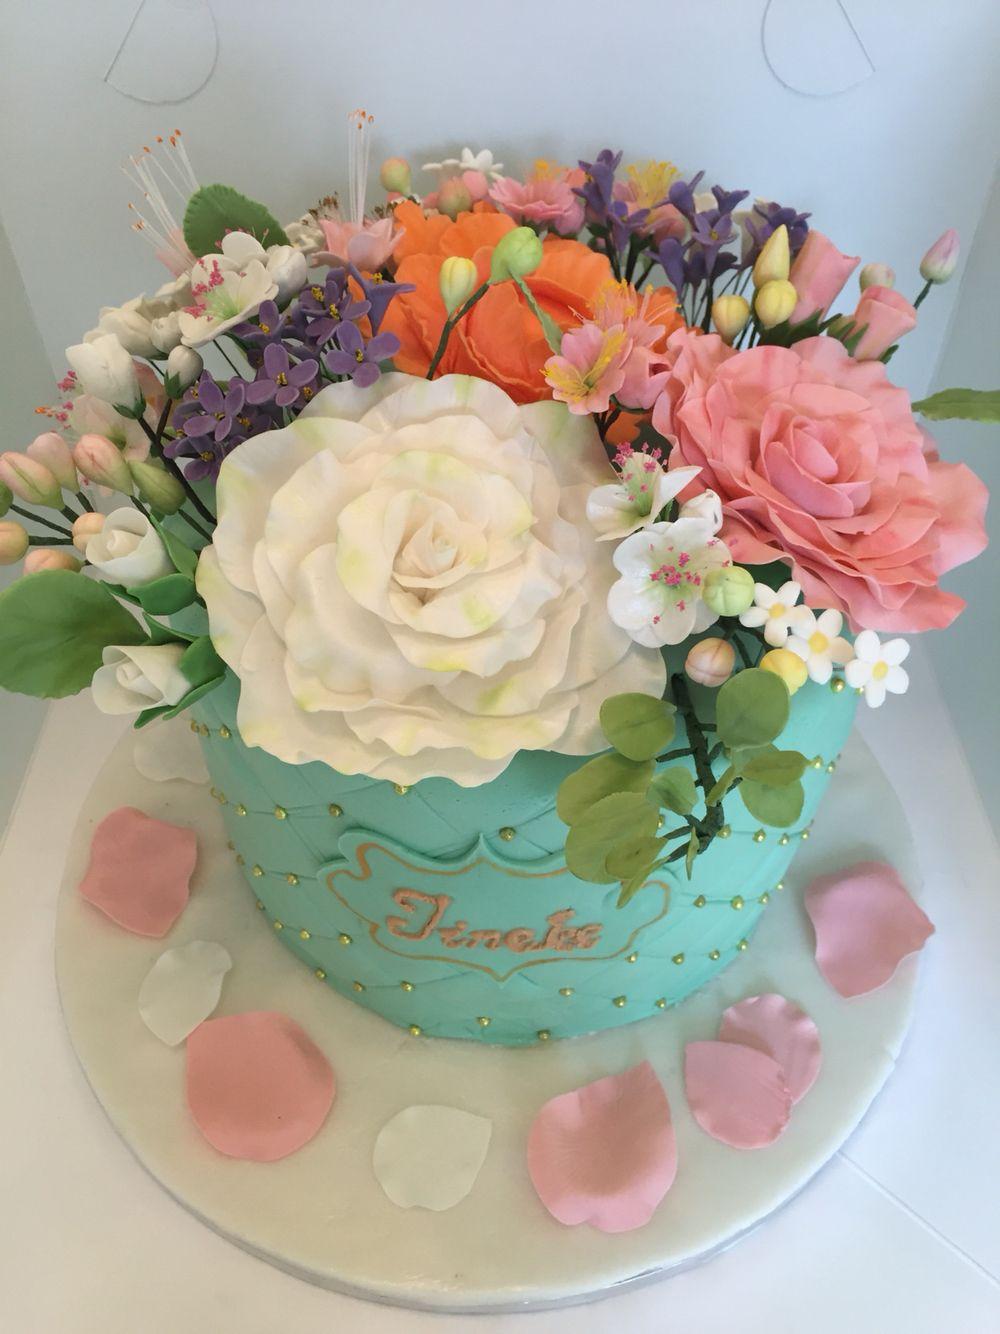 Mint green flower bouquet cake | My cakes | Pinterest | Mint green ...